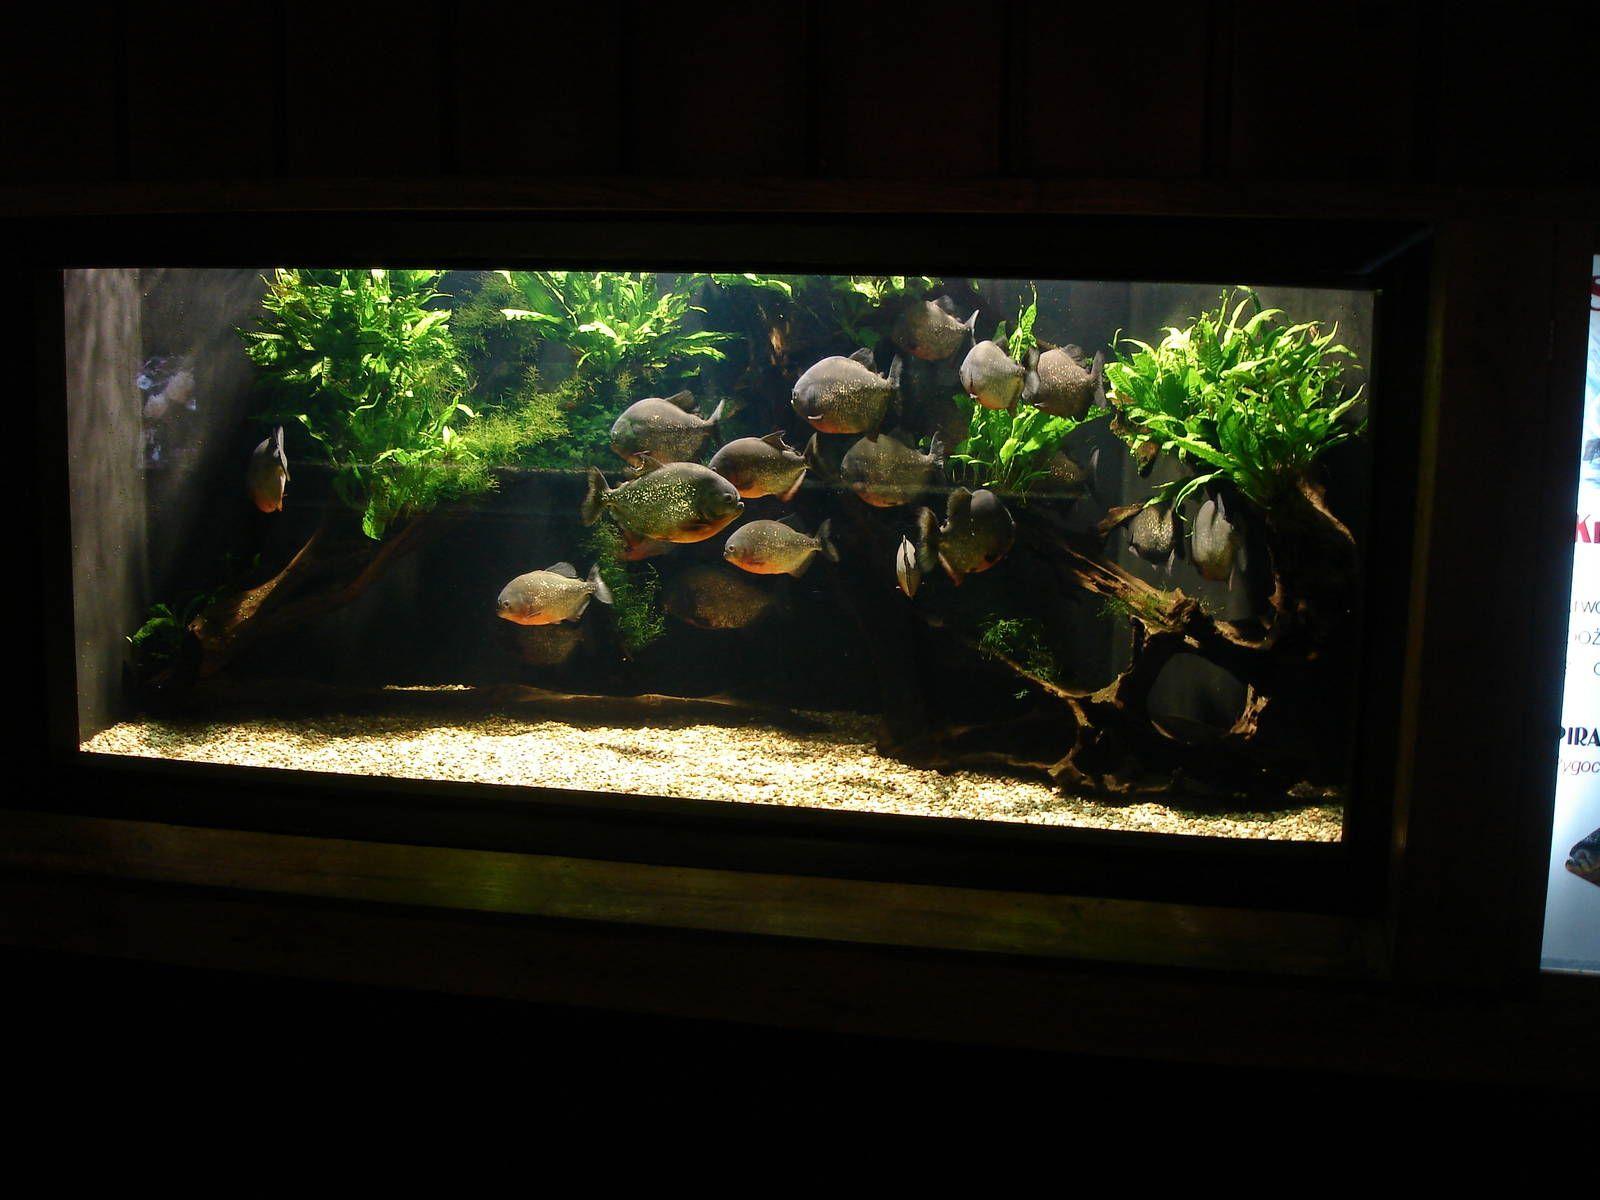 Freshwater aquarium fish piranha -  3